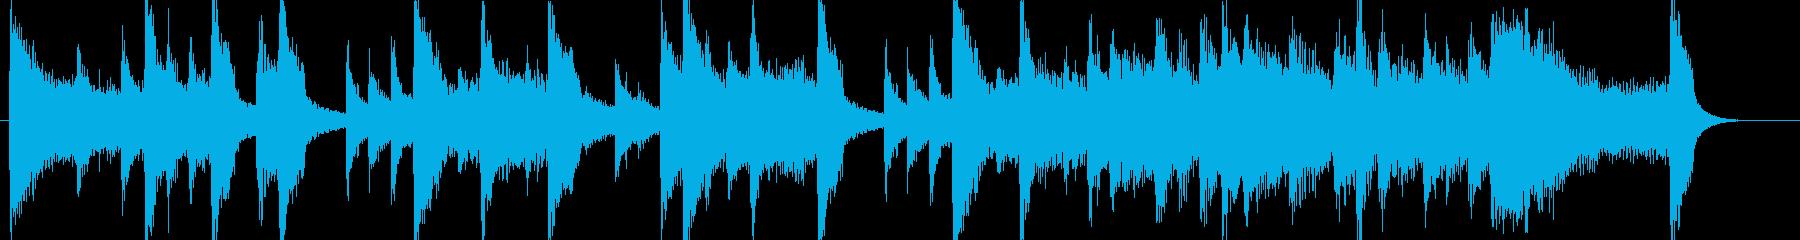 高音質♪和風出囃子ジングルインディアン風の再生済みの波形